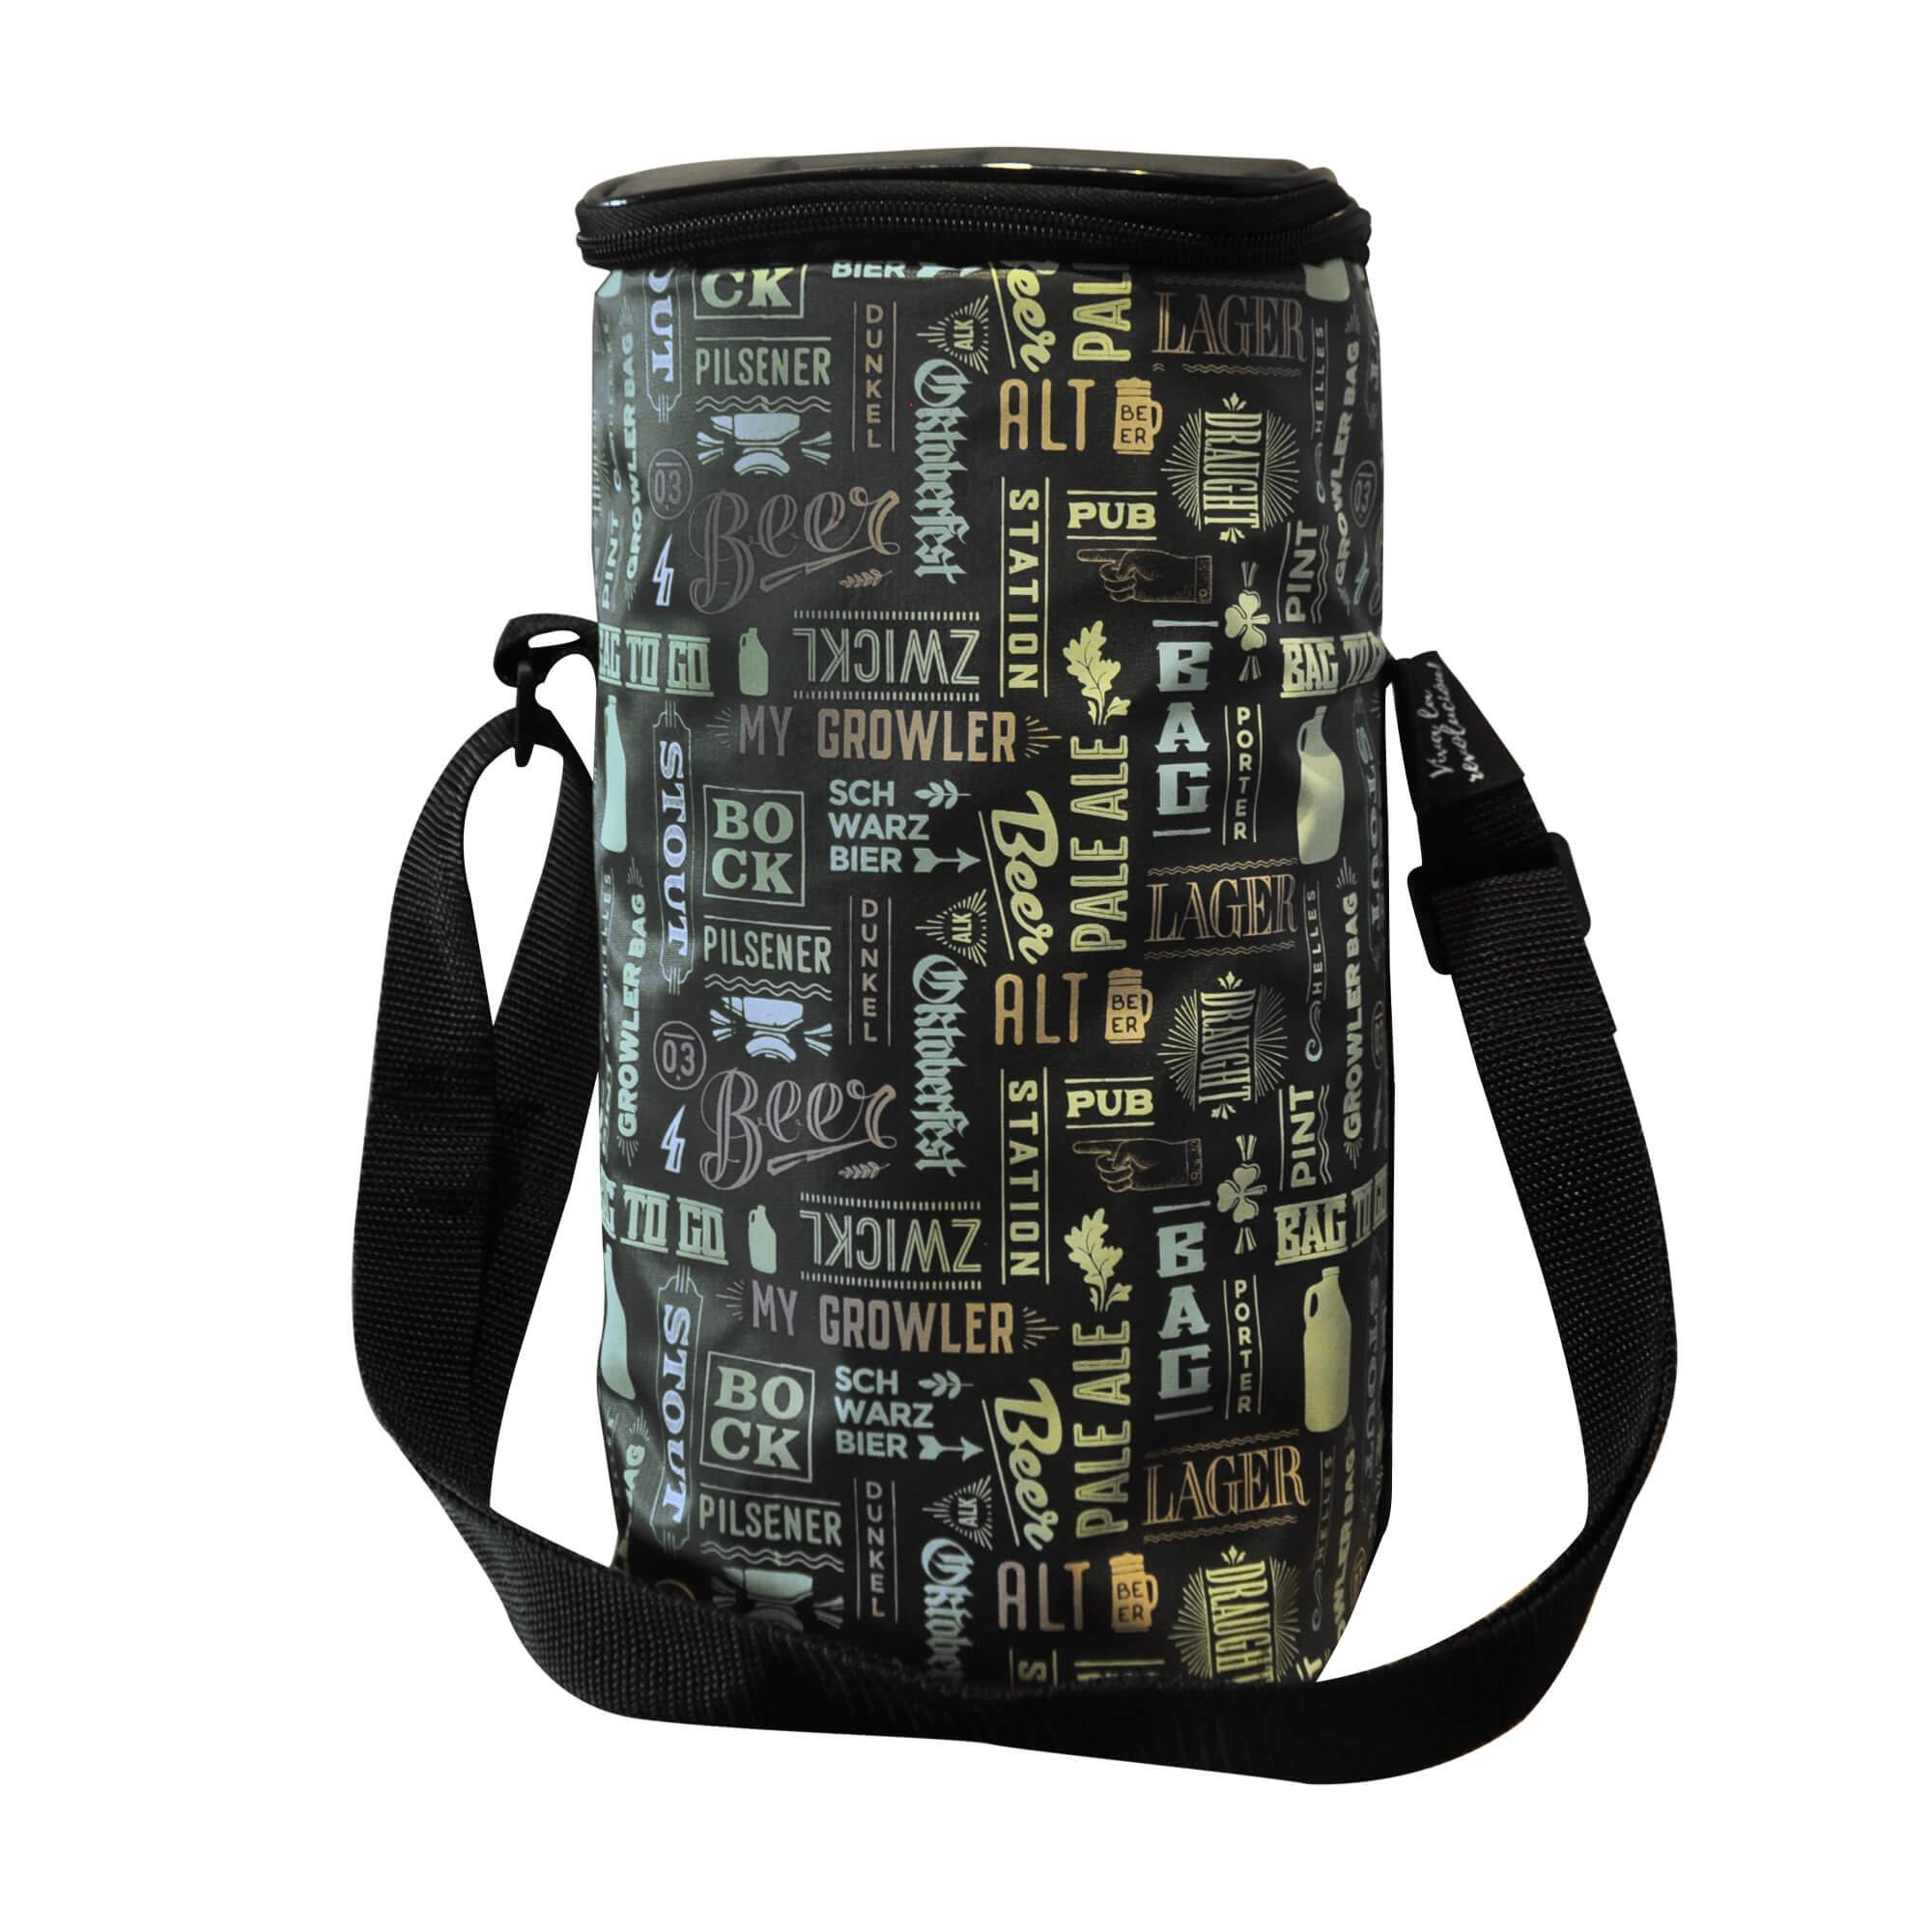 Kit My Keg #3 - Mini Keg 4L My Growler + Growler Bag To Go para 1 growler